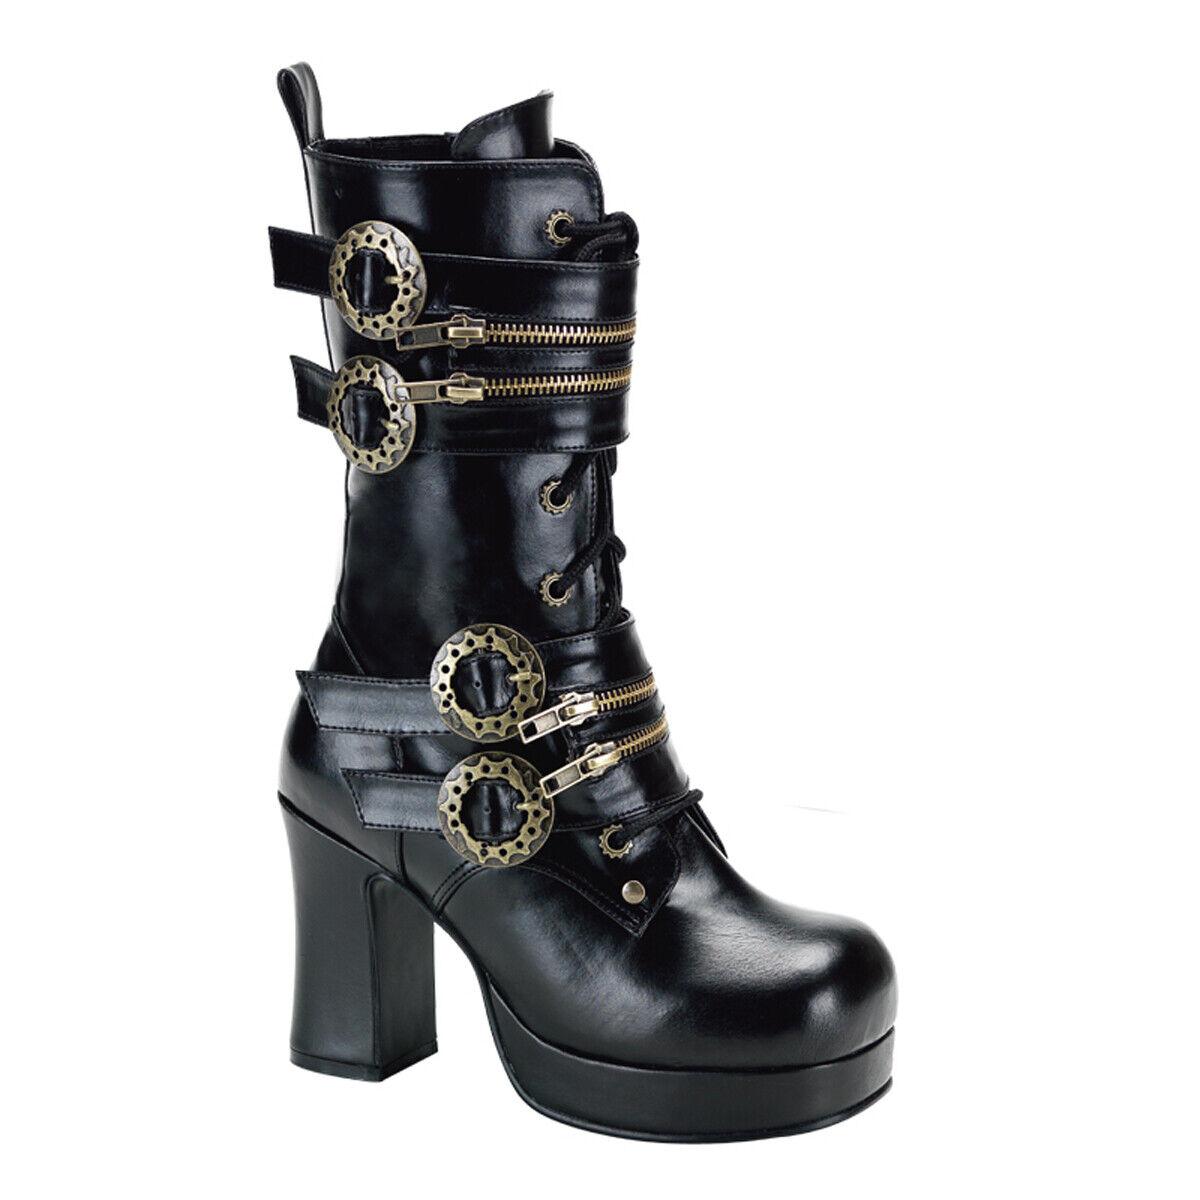 PLEASER Demonia Gothika-100 3 3 4  Heel, 1  Platform Steampunk Calf Stiefel Vegan